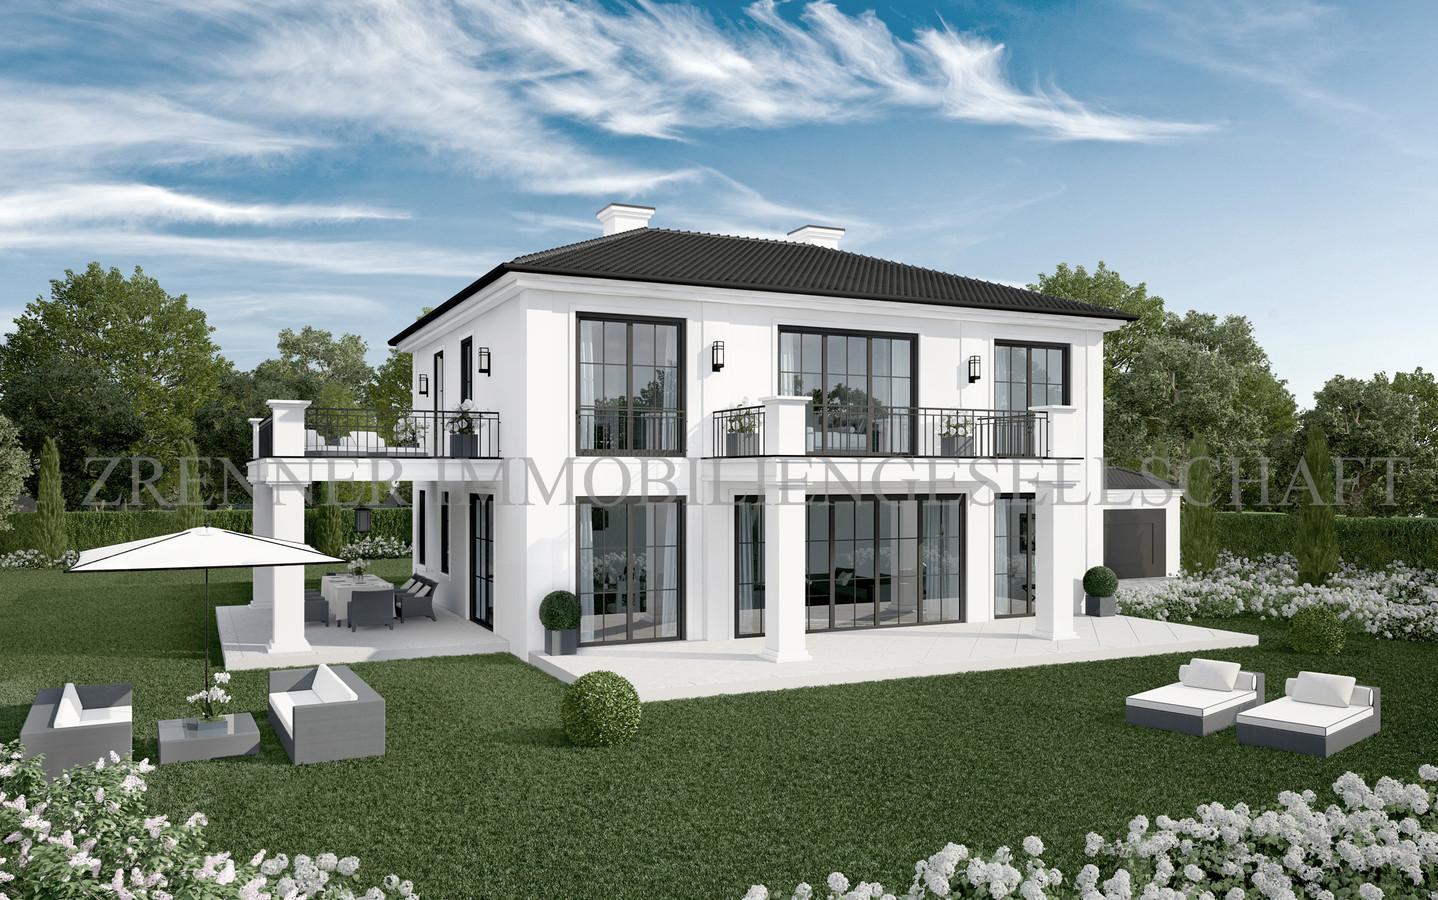 G7 Villa Zrenner Immobiliengesellschaft Mbh